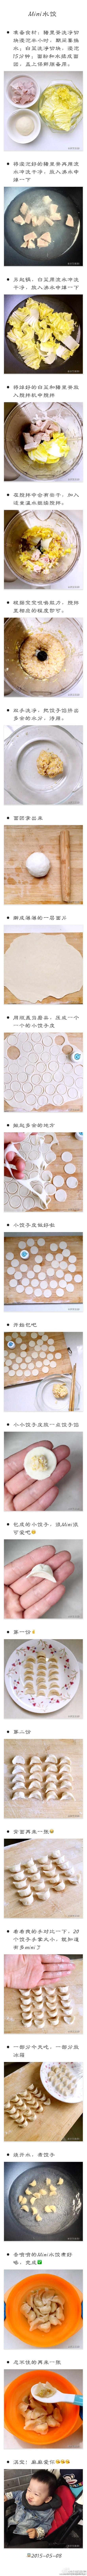 Mini水饺适合11个月以上有一定咀嚼能力的宝宝。食材:猪里脊,白菜,面粉。Mini版的水饺好可爱 而且很方便baby的小口哦!充满爱的味道